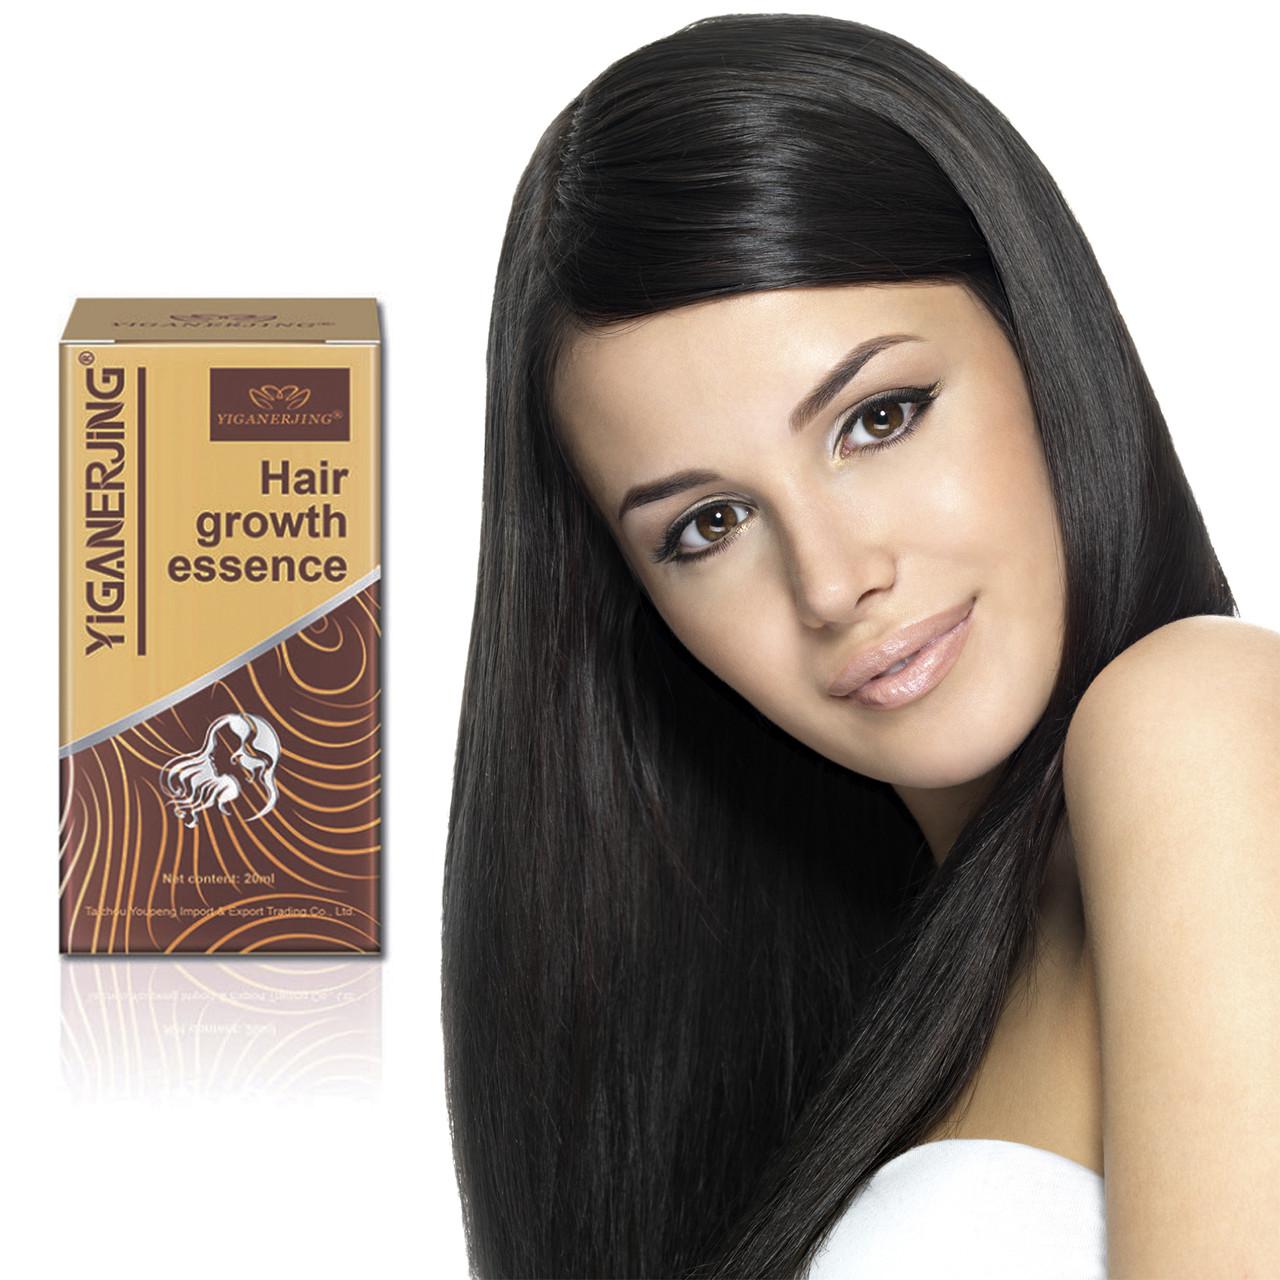 Эмульсия для роста волос Yiganerjing